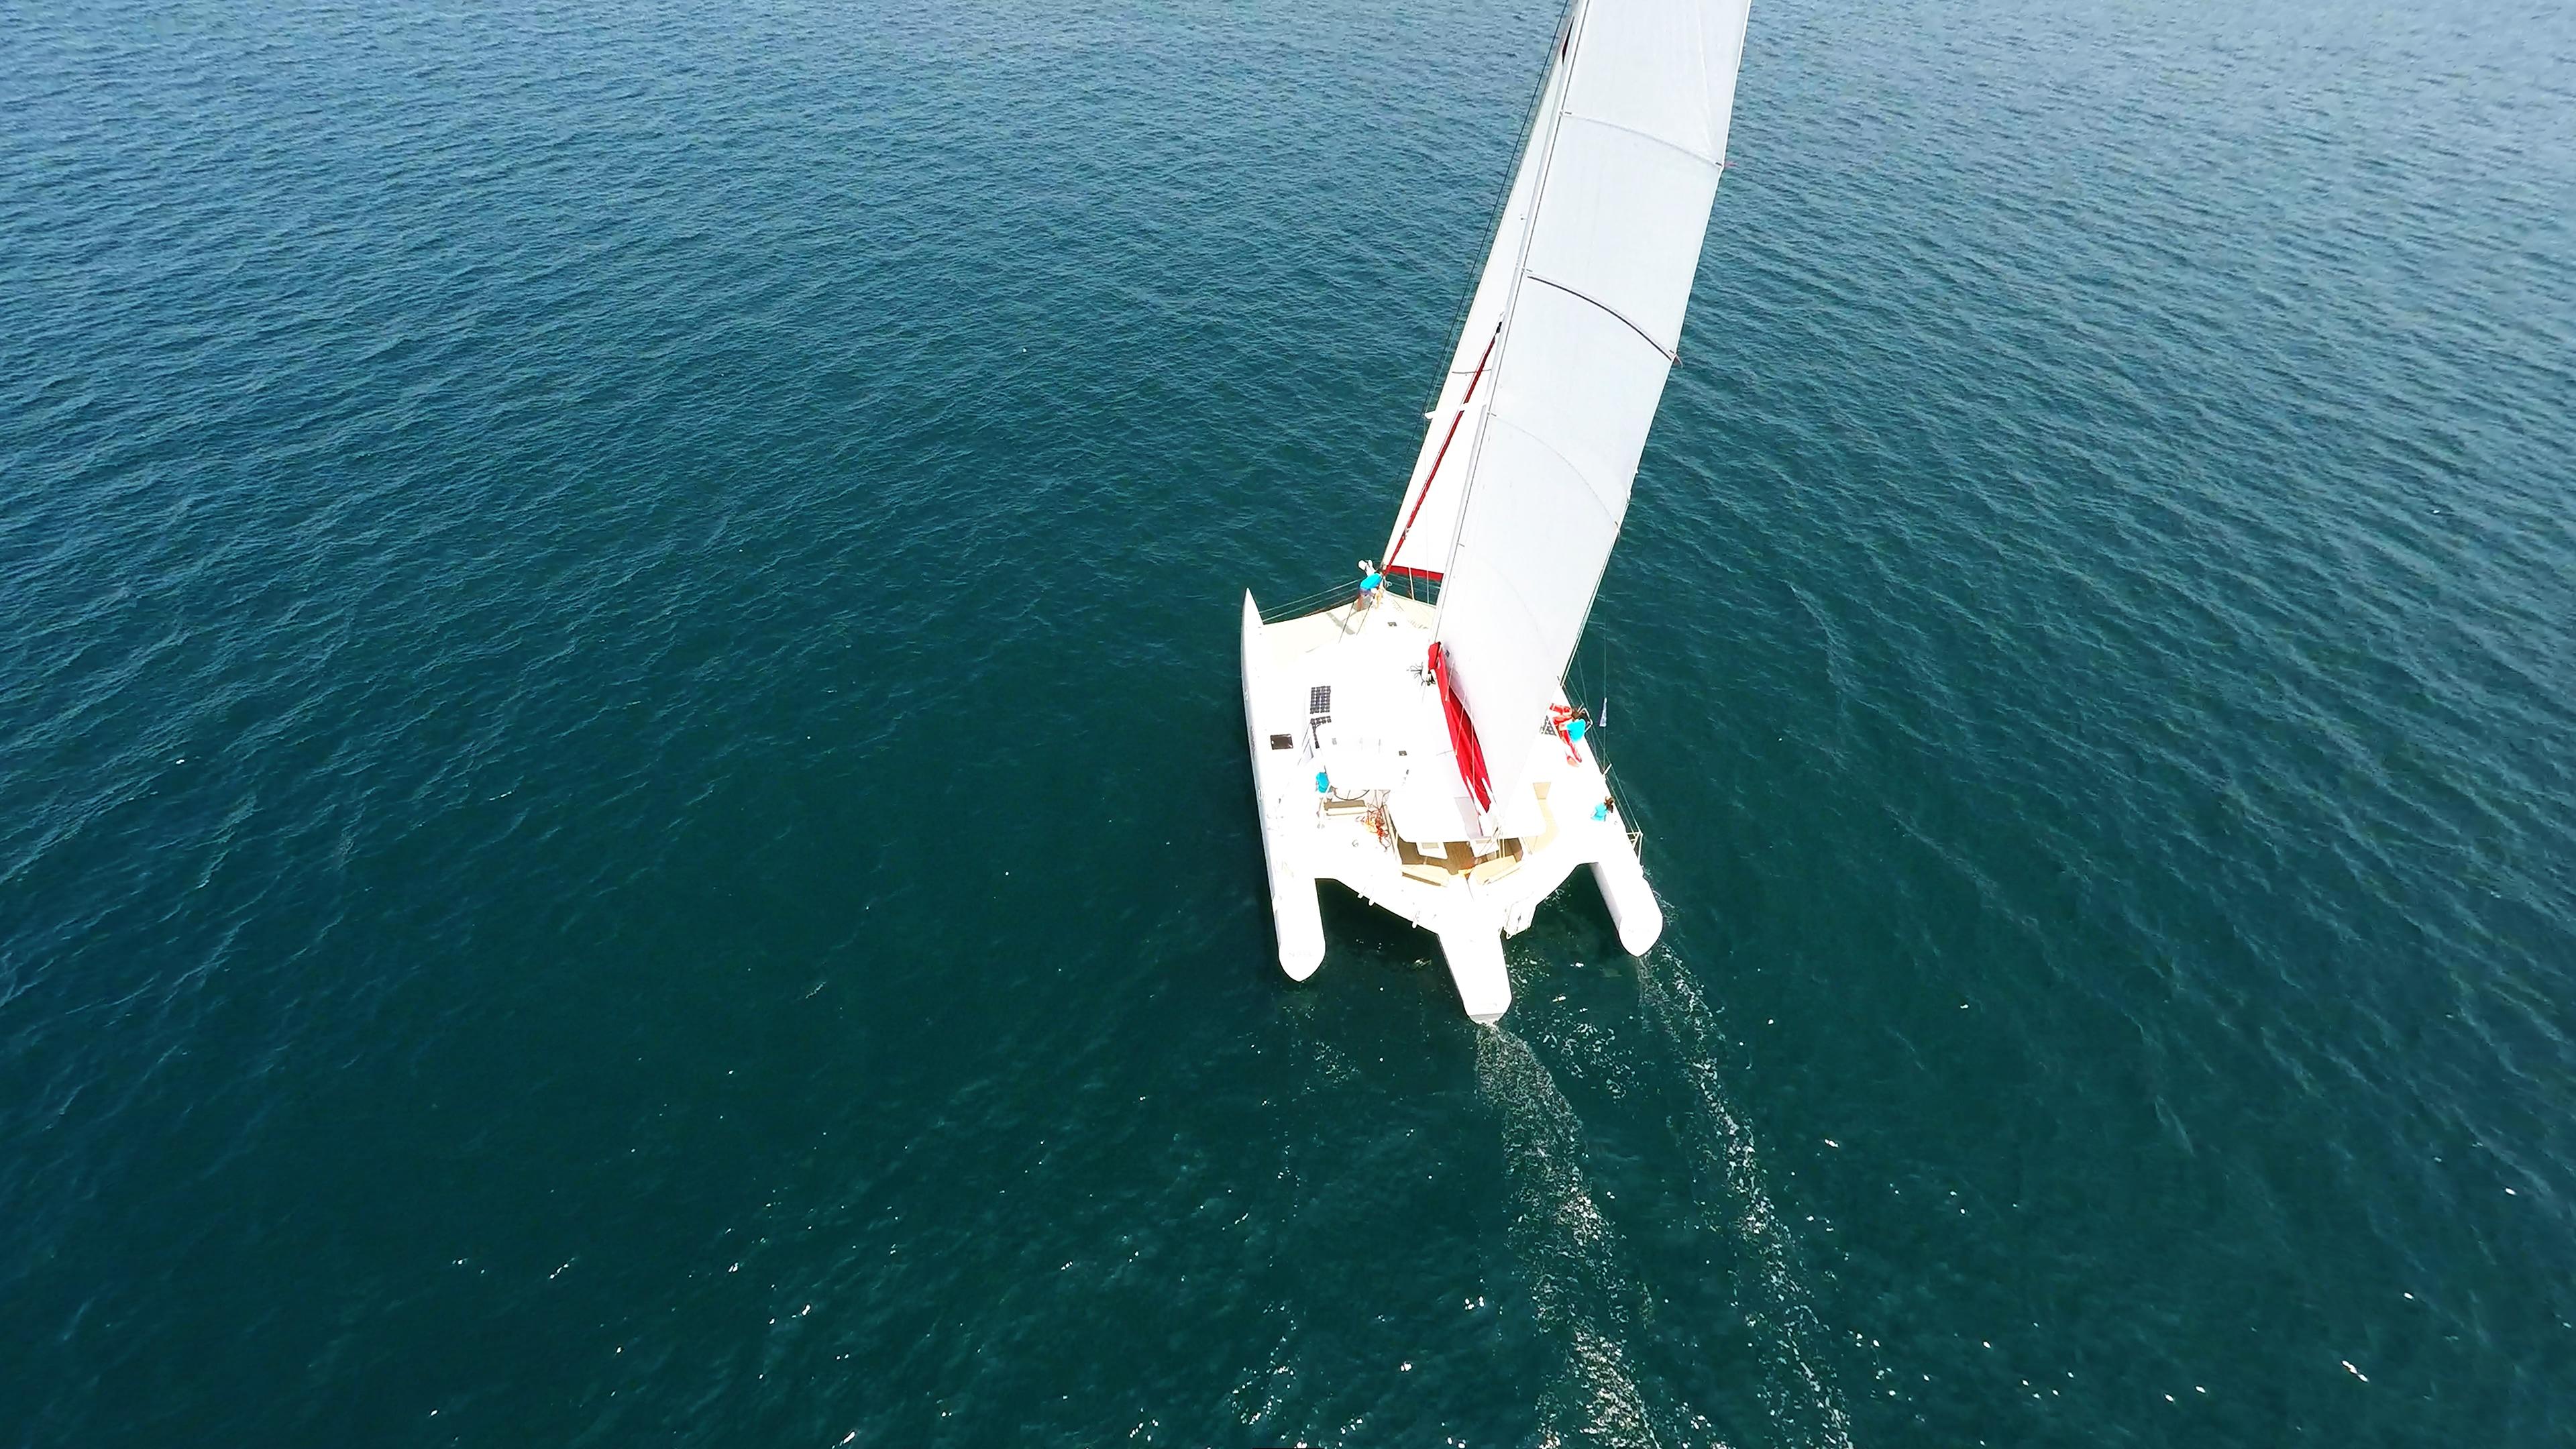 yachting multiscafo trimarano